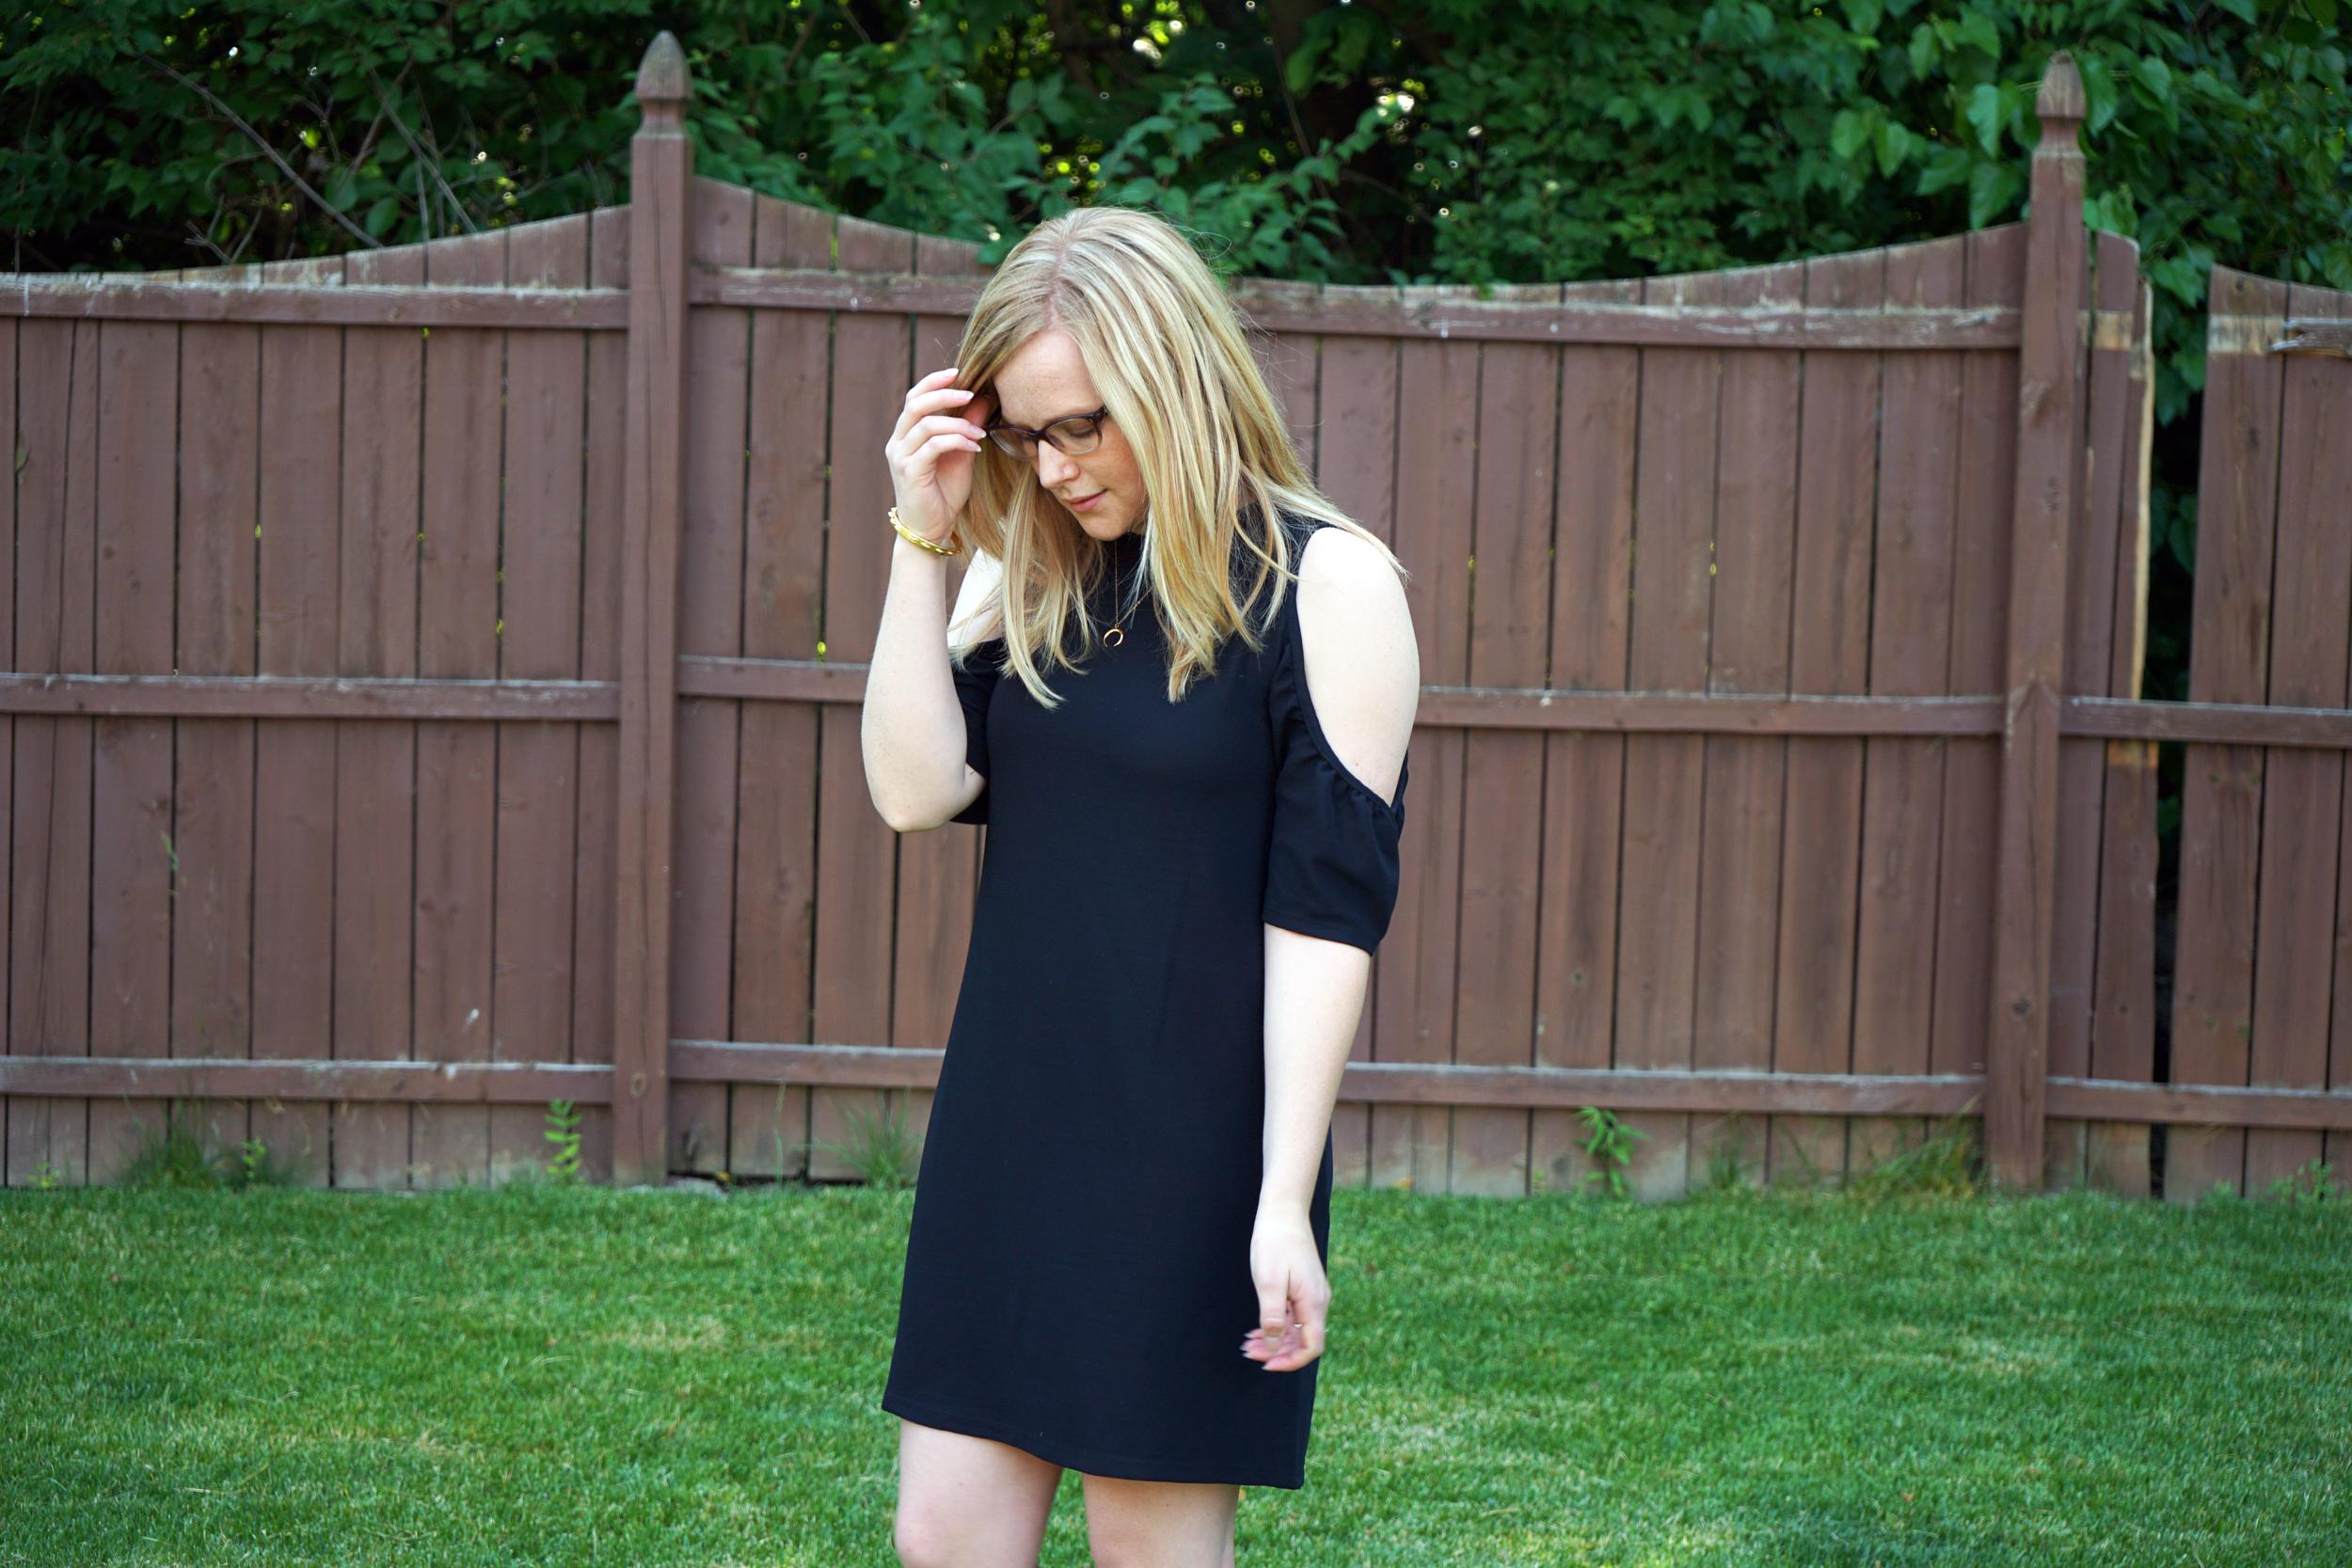 Maggie a la Mode - Zara Cold Shoulder Dress, Steve Madden Irenee Sandal